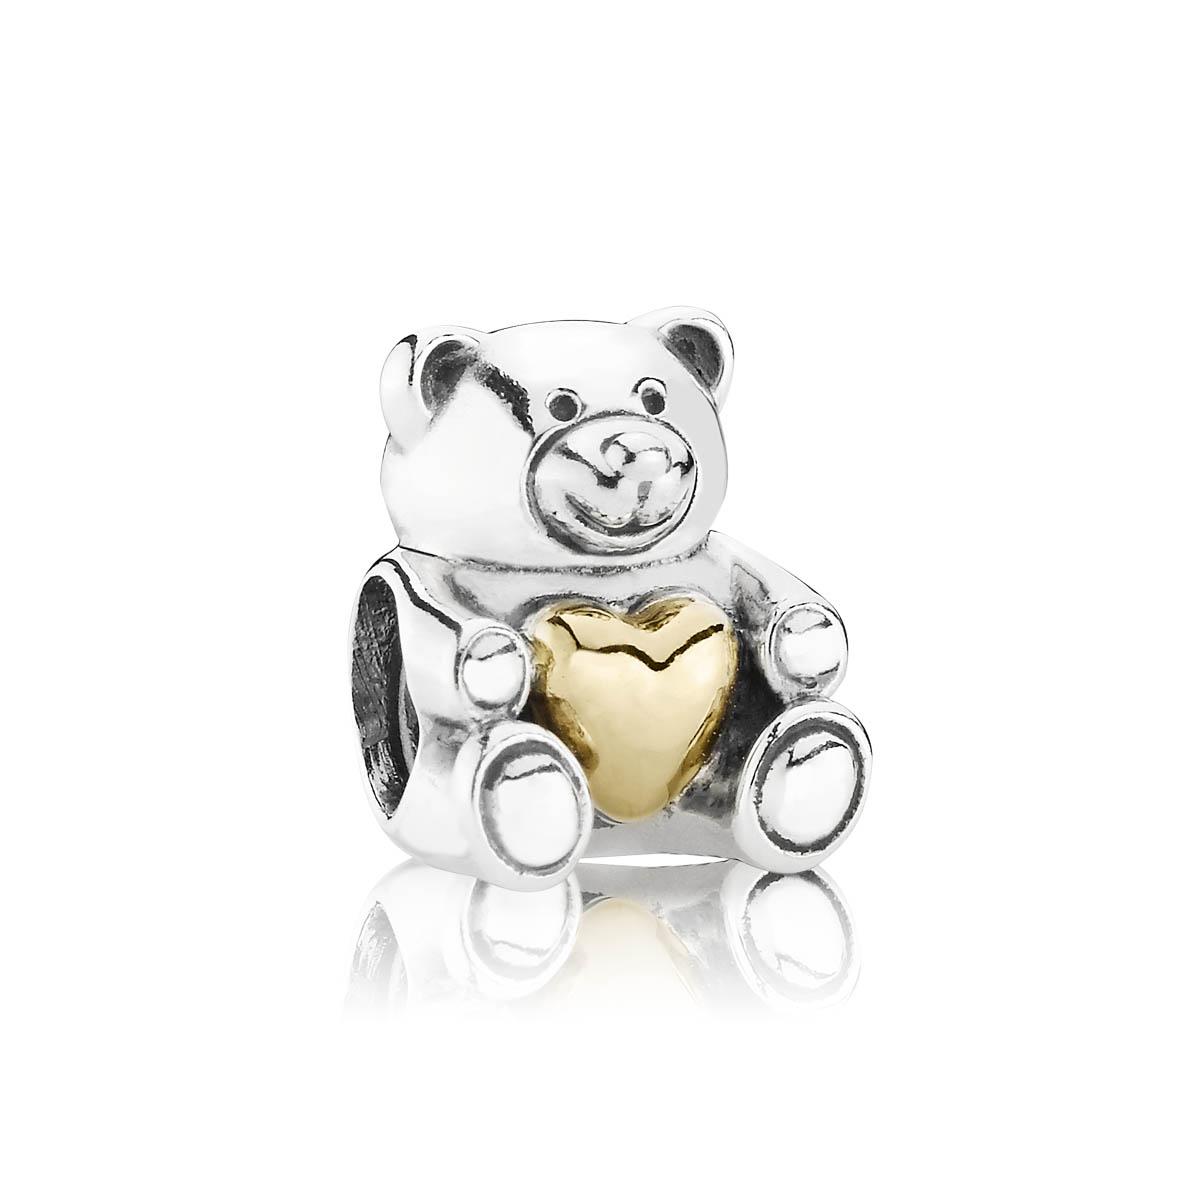 Коллекция украшений Pandora ко Дню всех влюбленных - фото №1